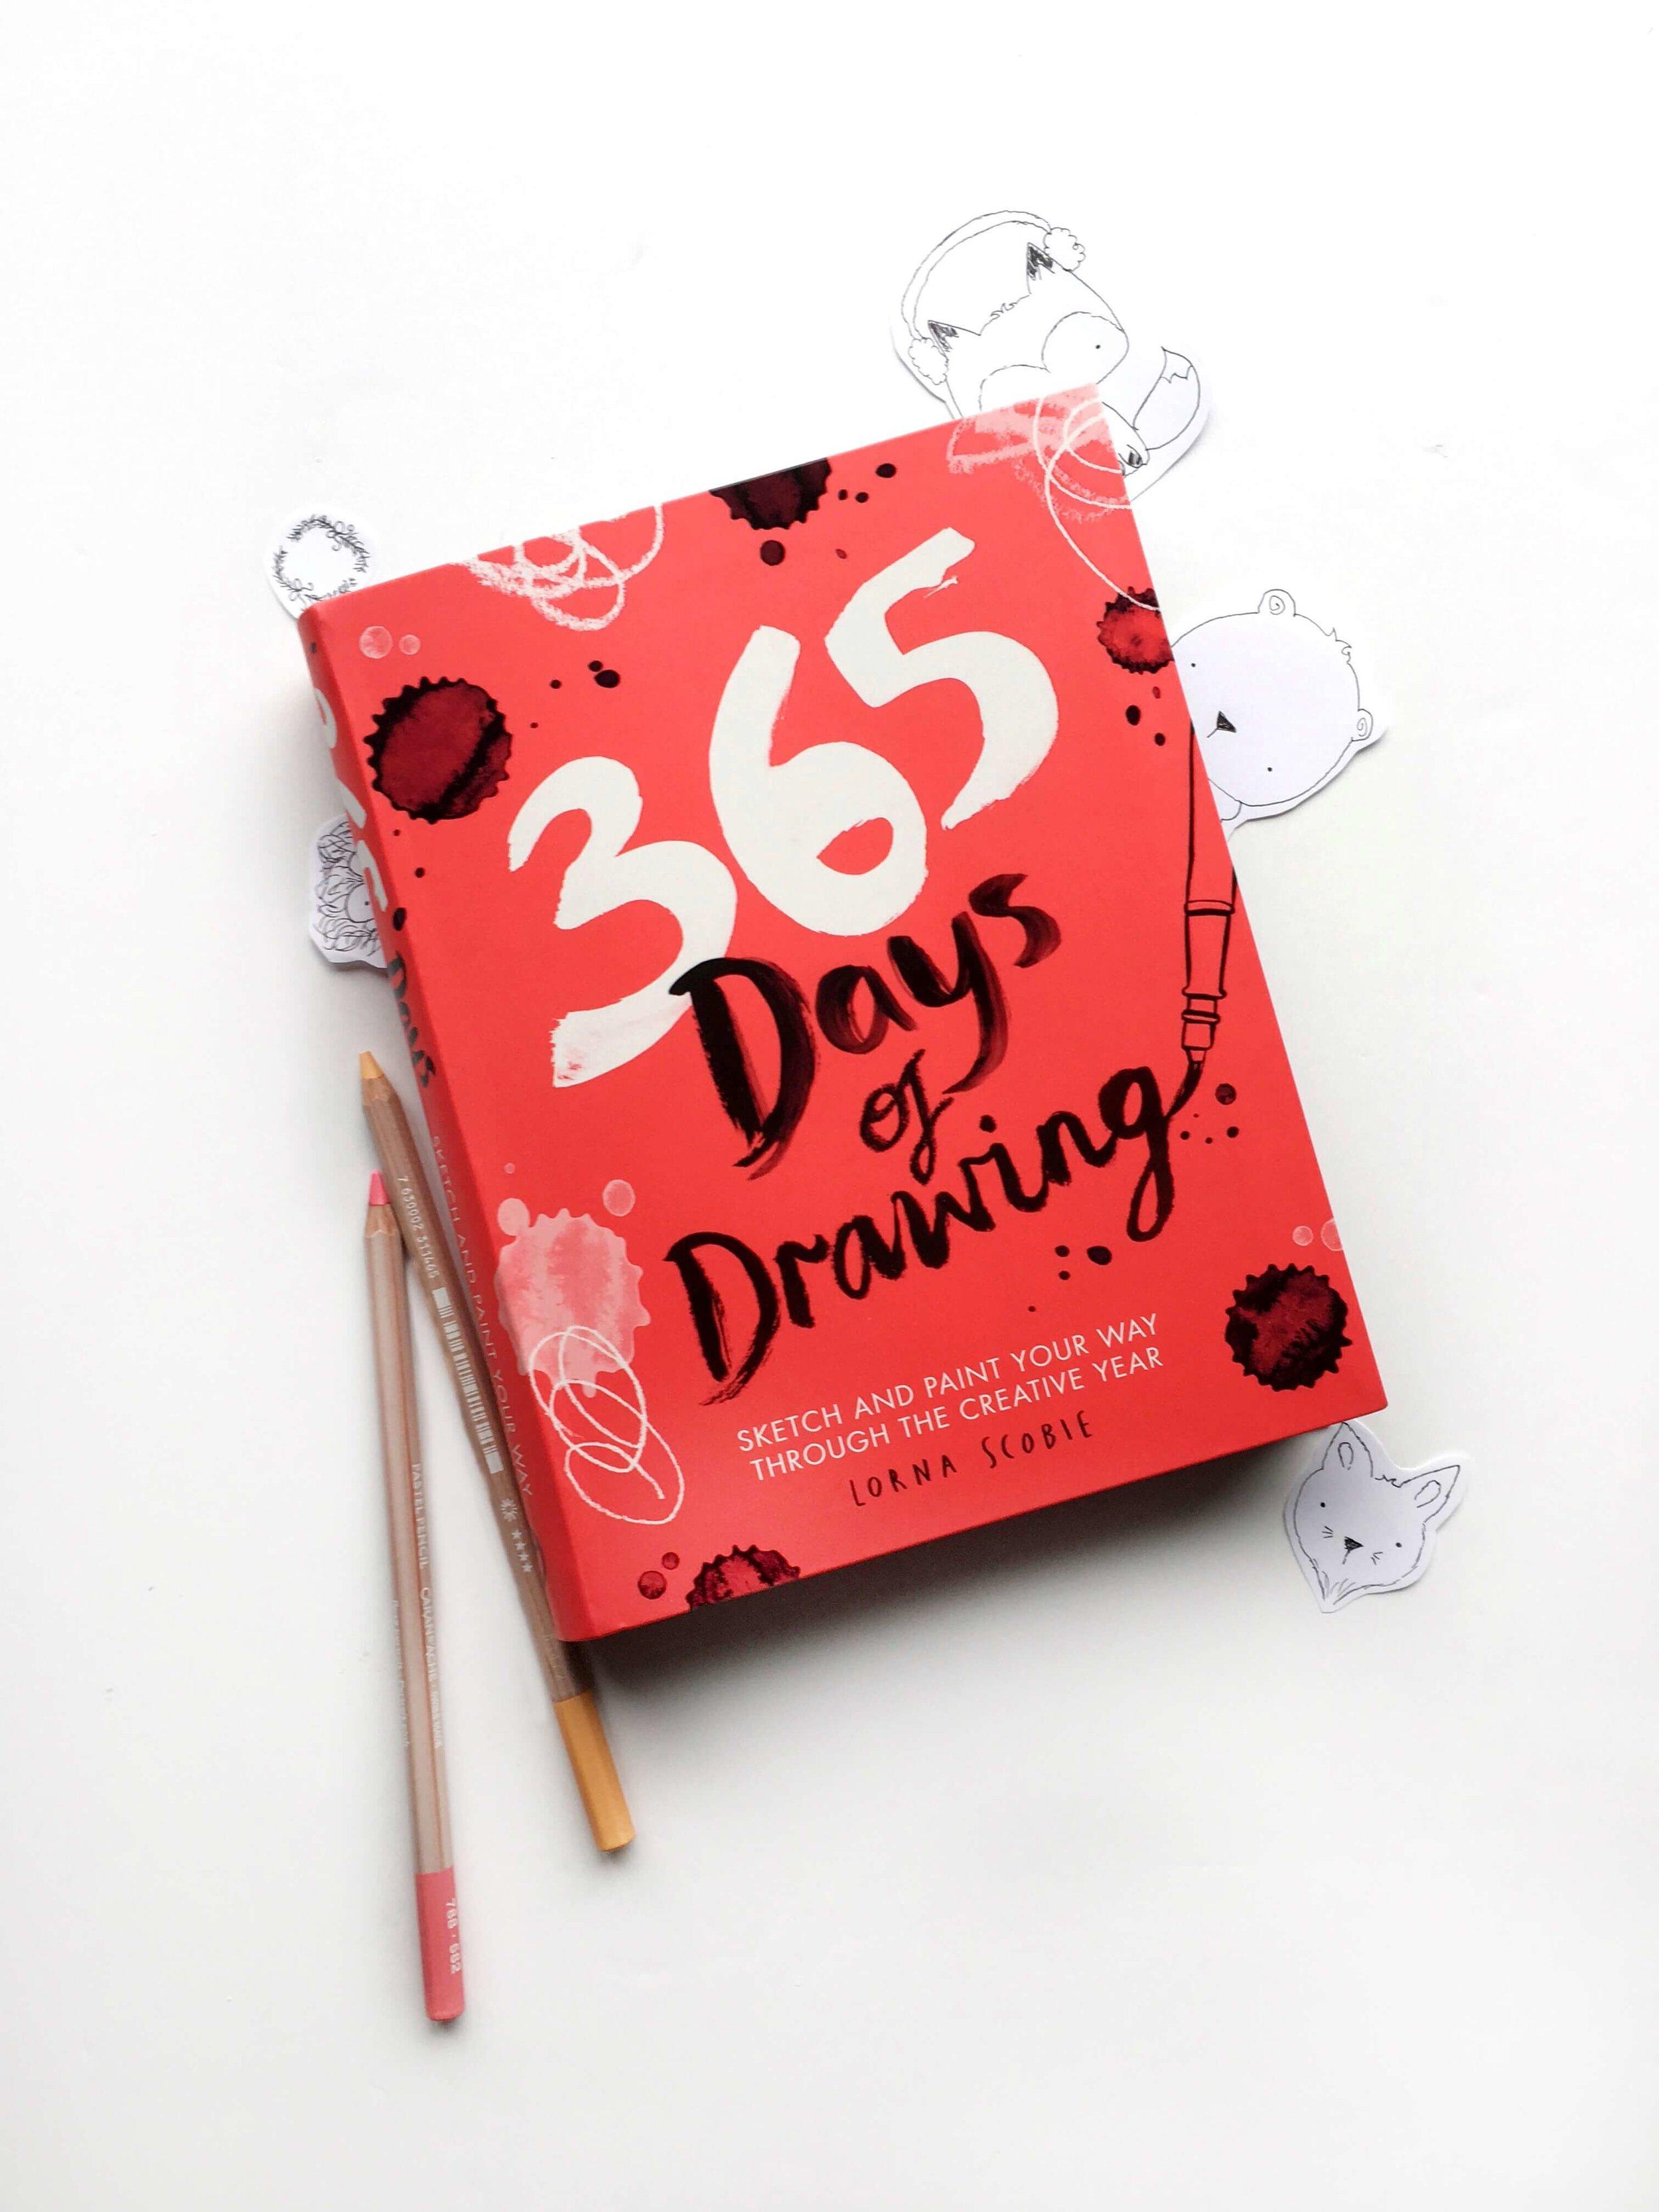 lorna scobie  drawing book.jpg